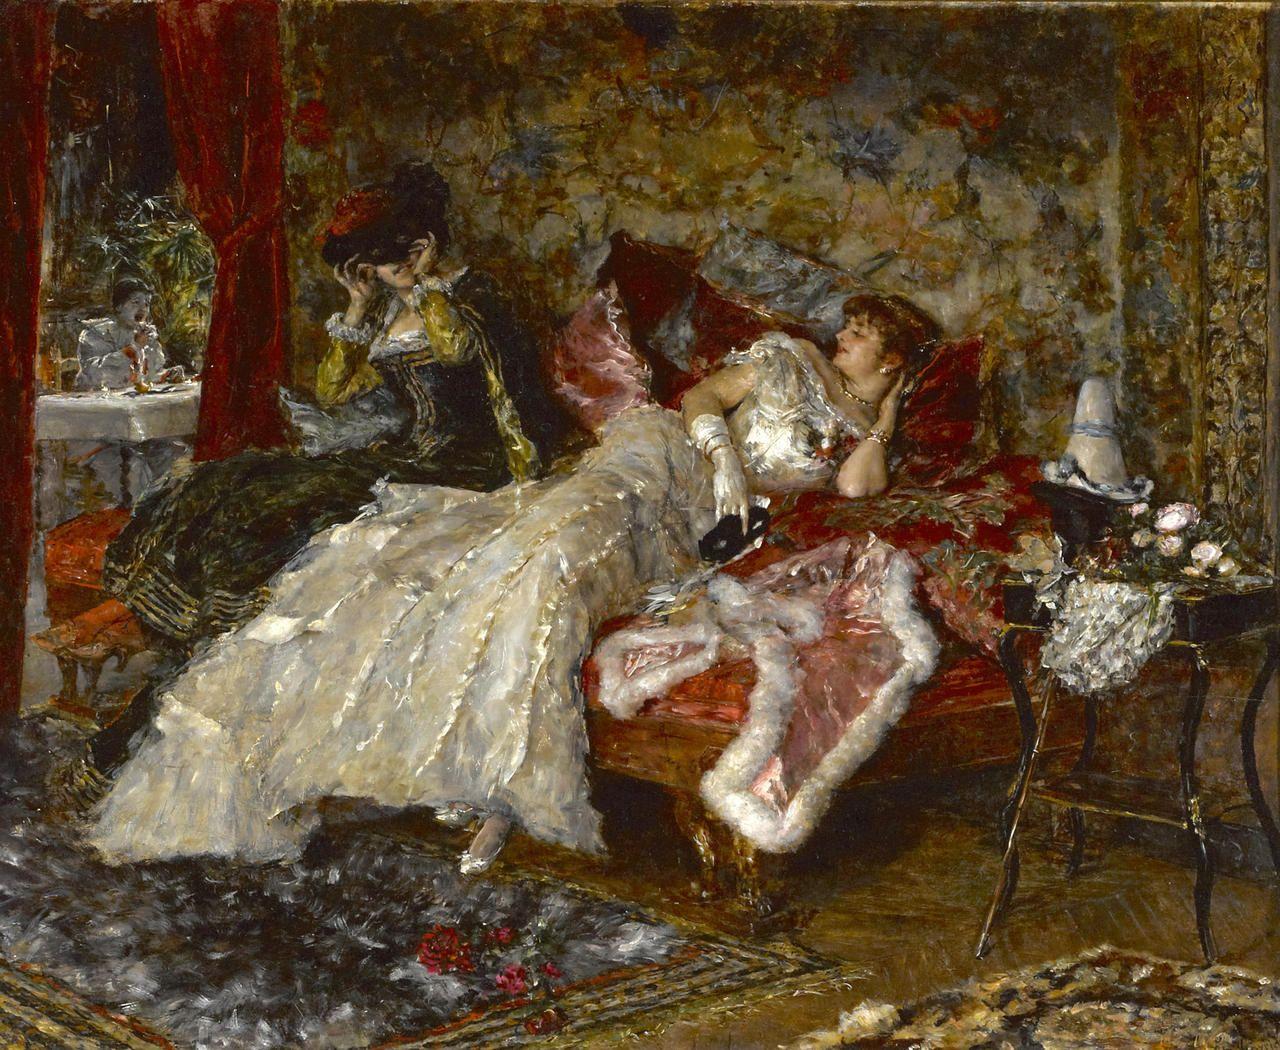 Eduardo León Garrido (1856 - 1949) - The masked ball